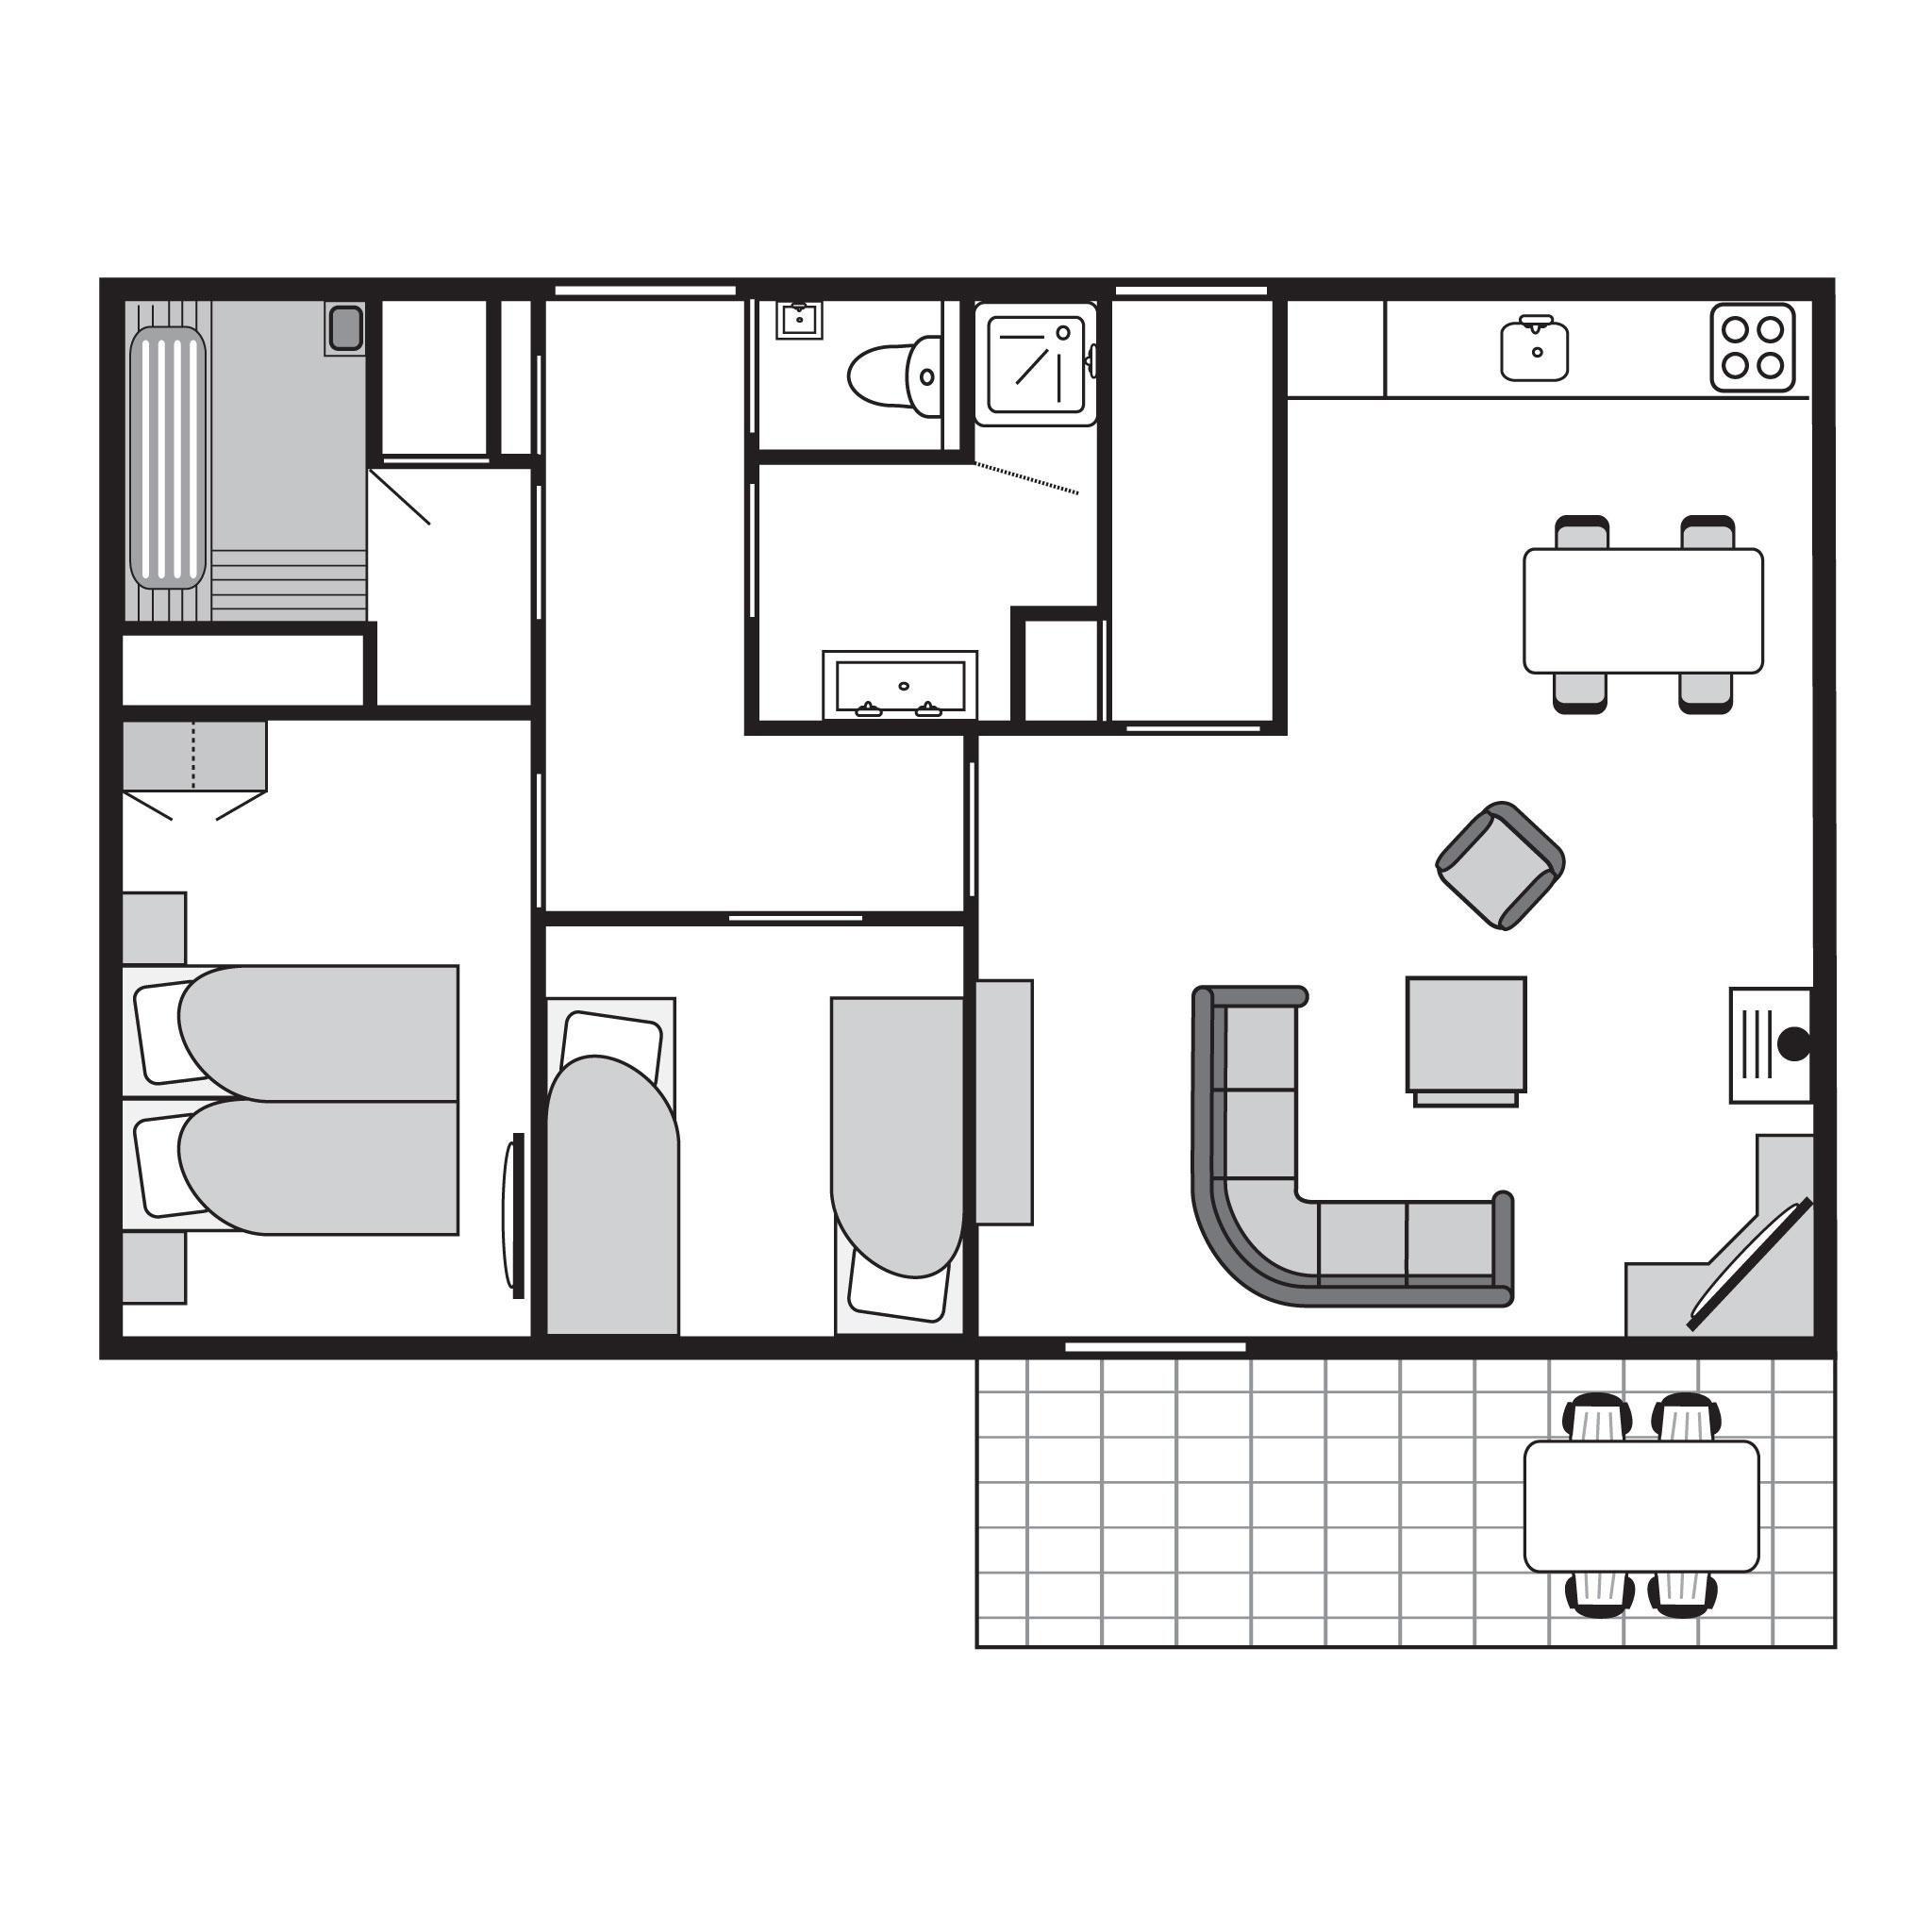 Ferienhaus Komfort 4-Personen-Ferienhaus im Ferienpark Landal Heihaas - In waldreicher Umgebung (2511641), Putten, Veluwe, Gelderland, Niederlande, Bild 19